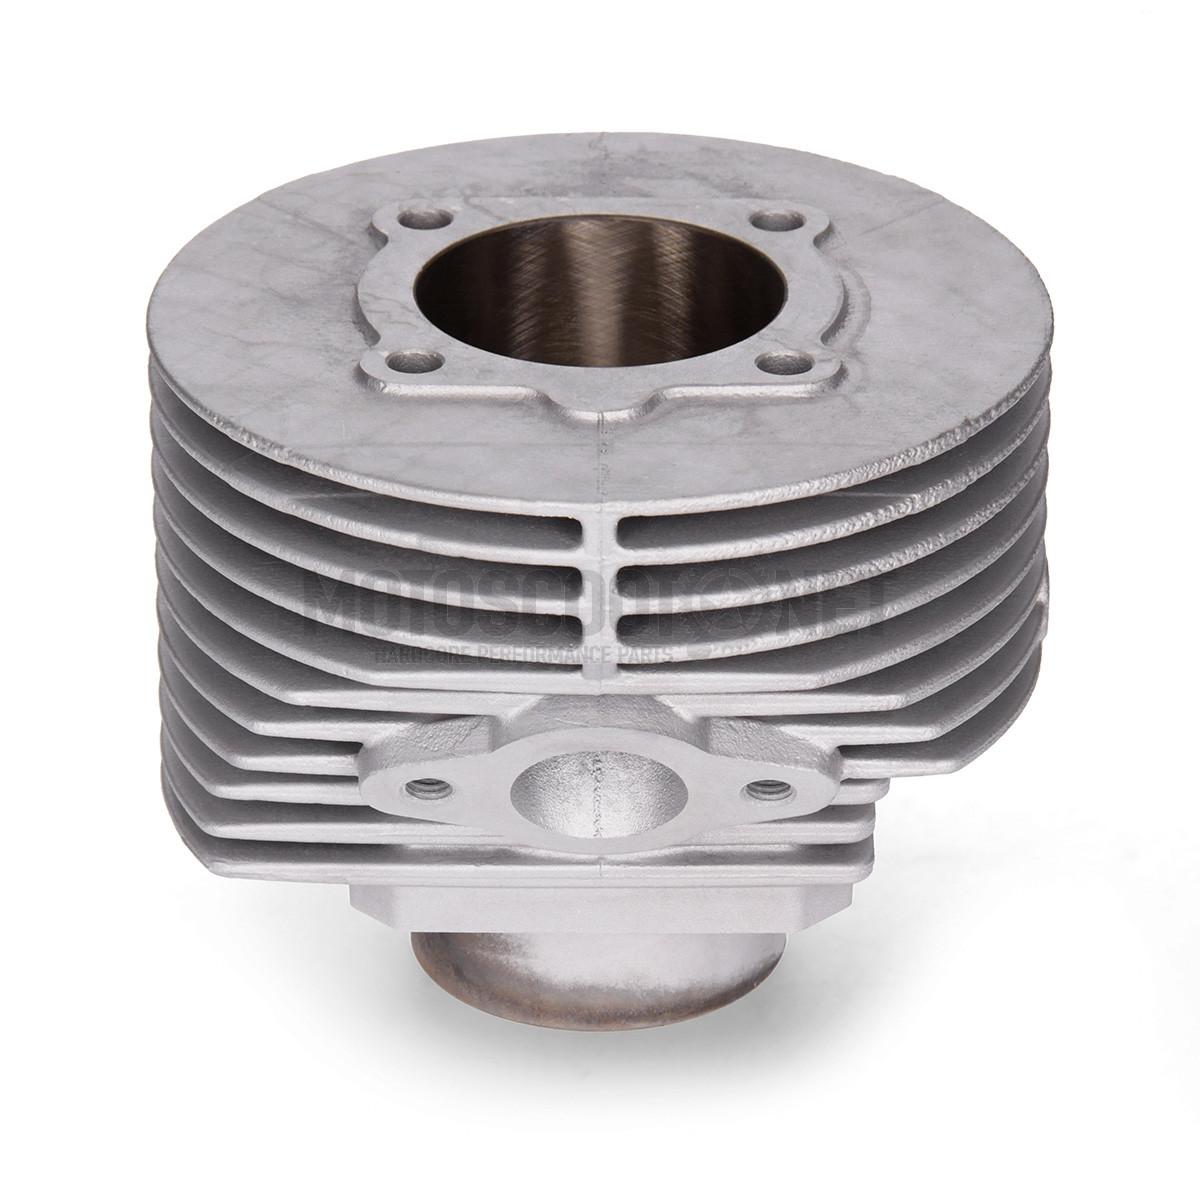 Cilindro Vespa Primavera 125cc a 130cc DR Racing Aluminio Sku:KT00135 /k/t/kt00135_06.jpg